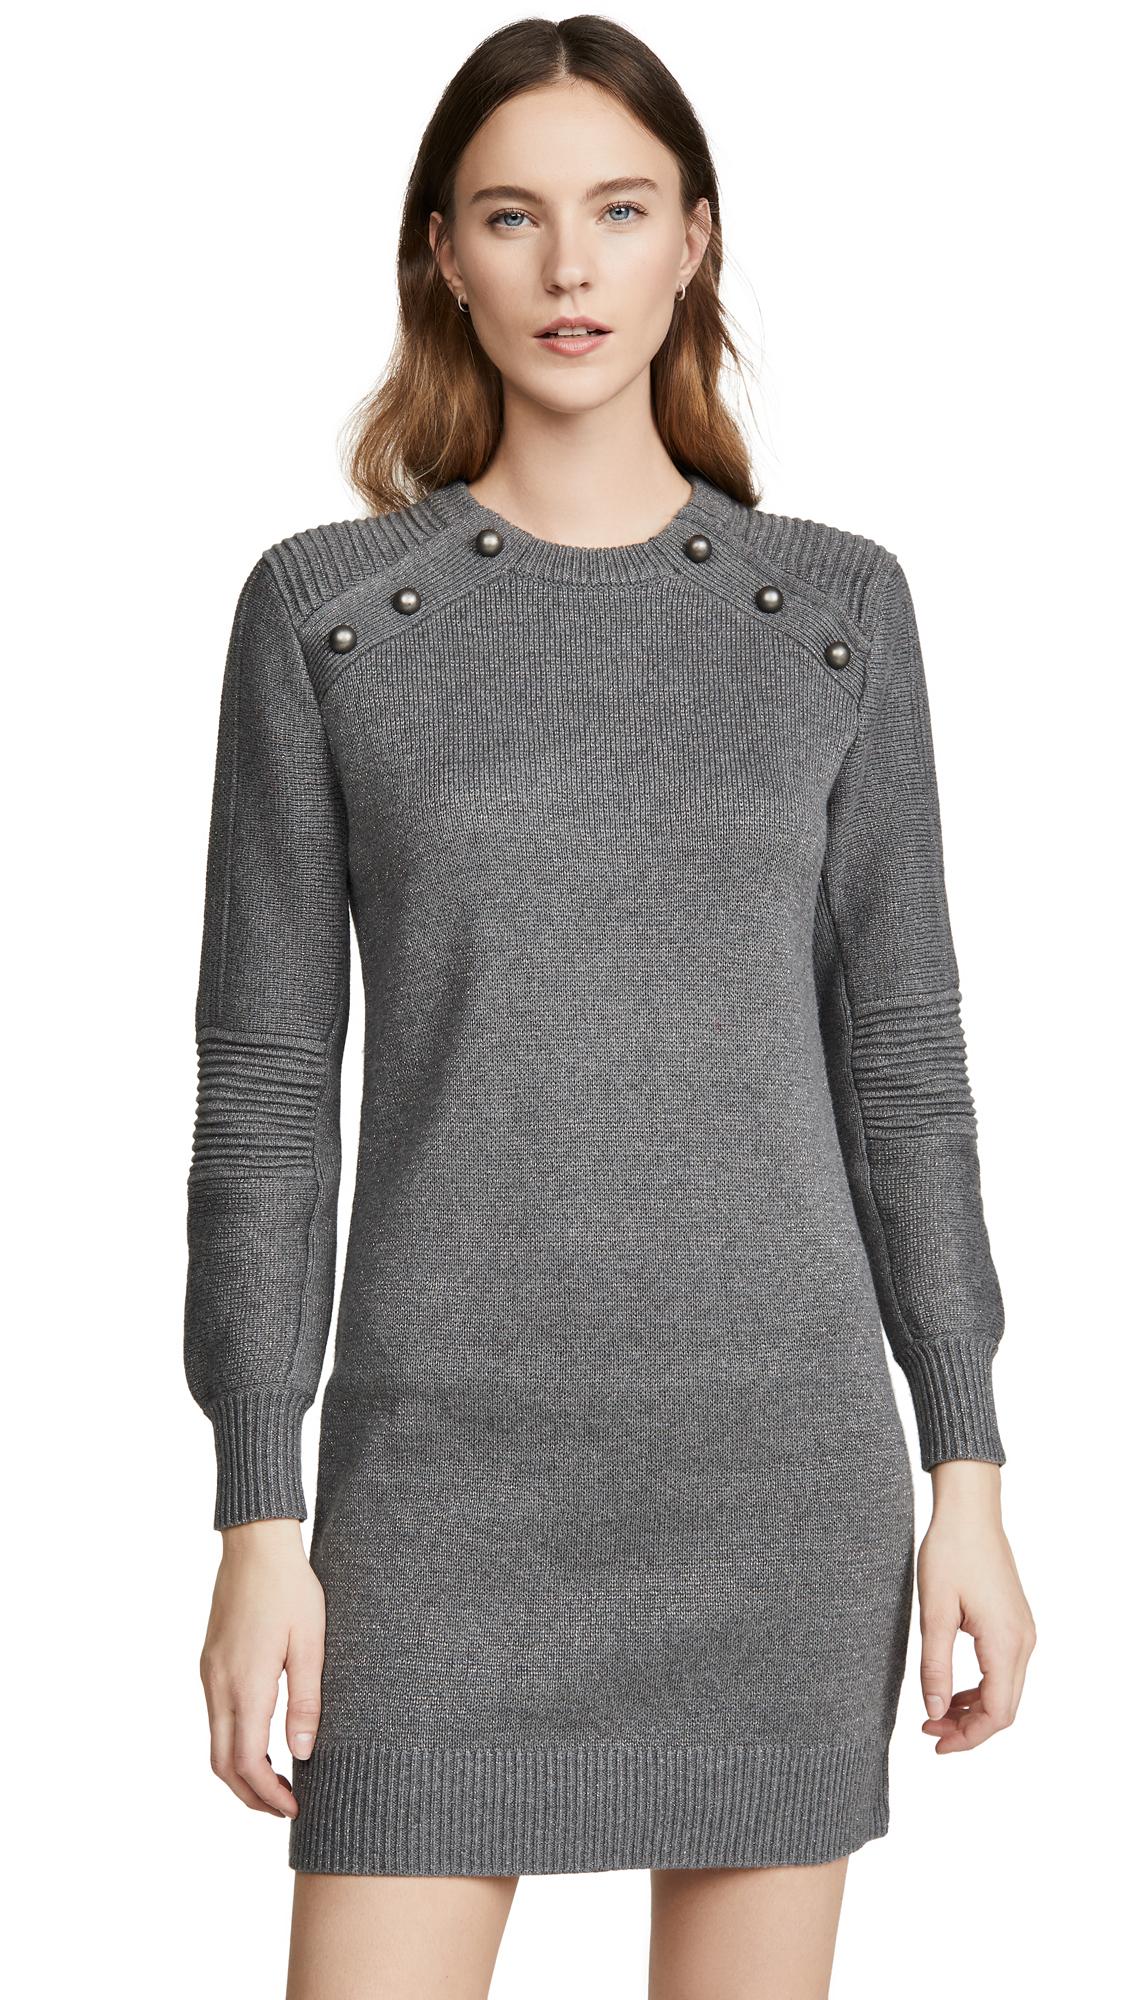 Rebecca Minkoff Janica Sweater Dress - 30% Off Sale